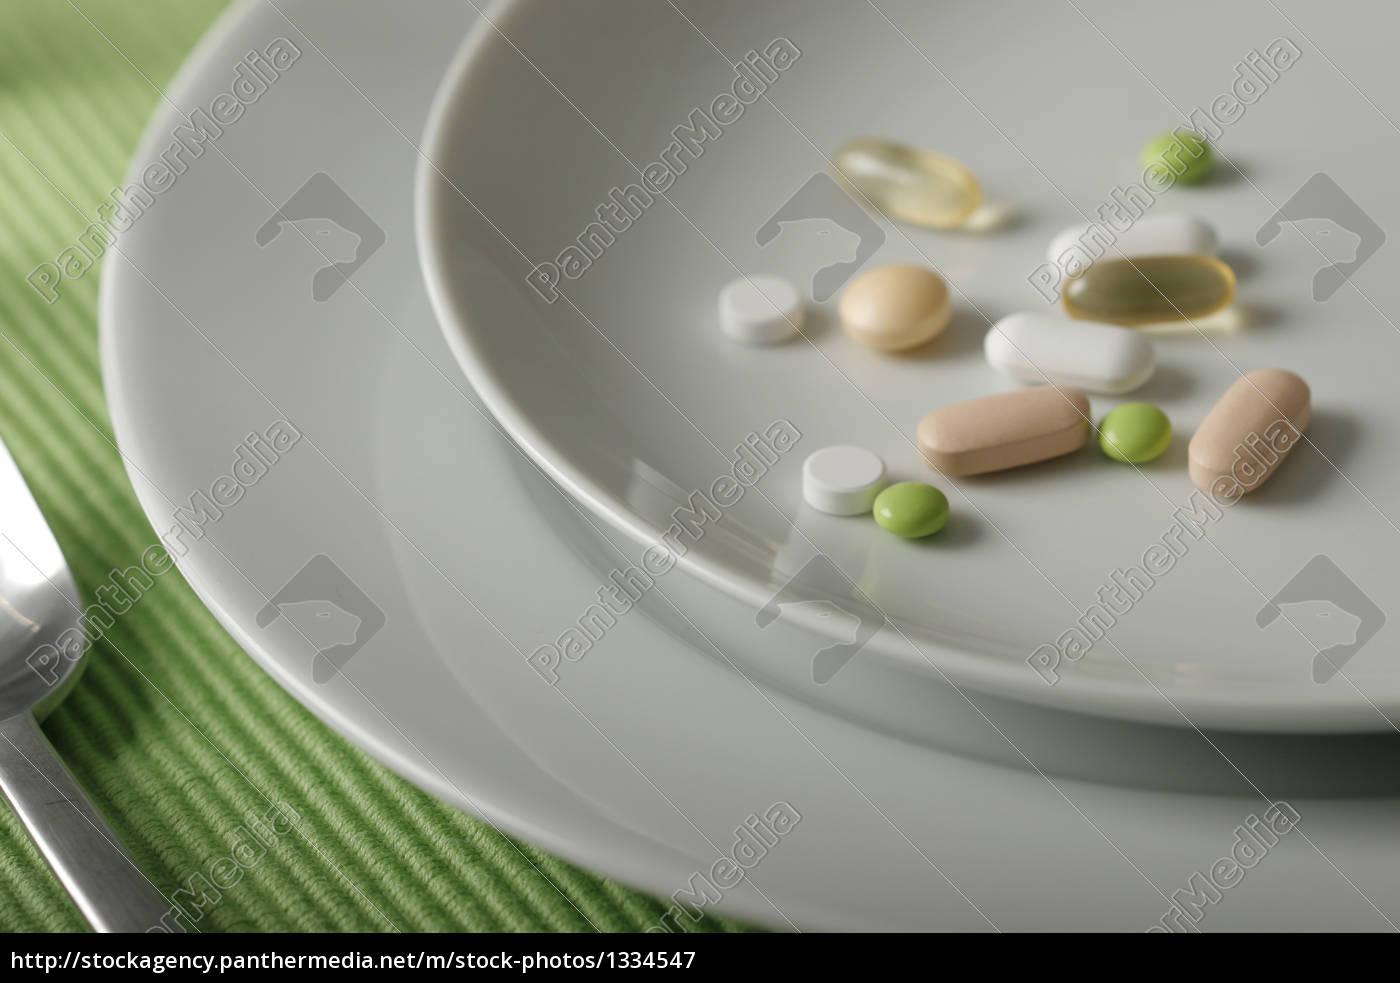 tabletten10 - 1334547